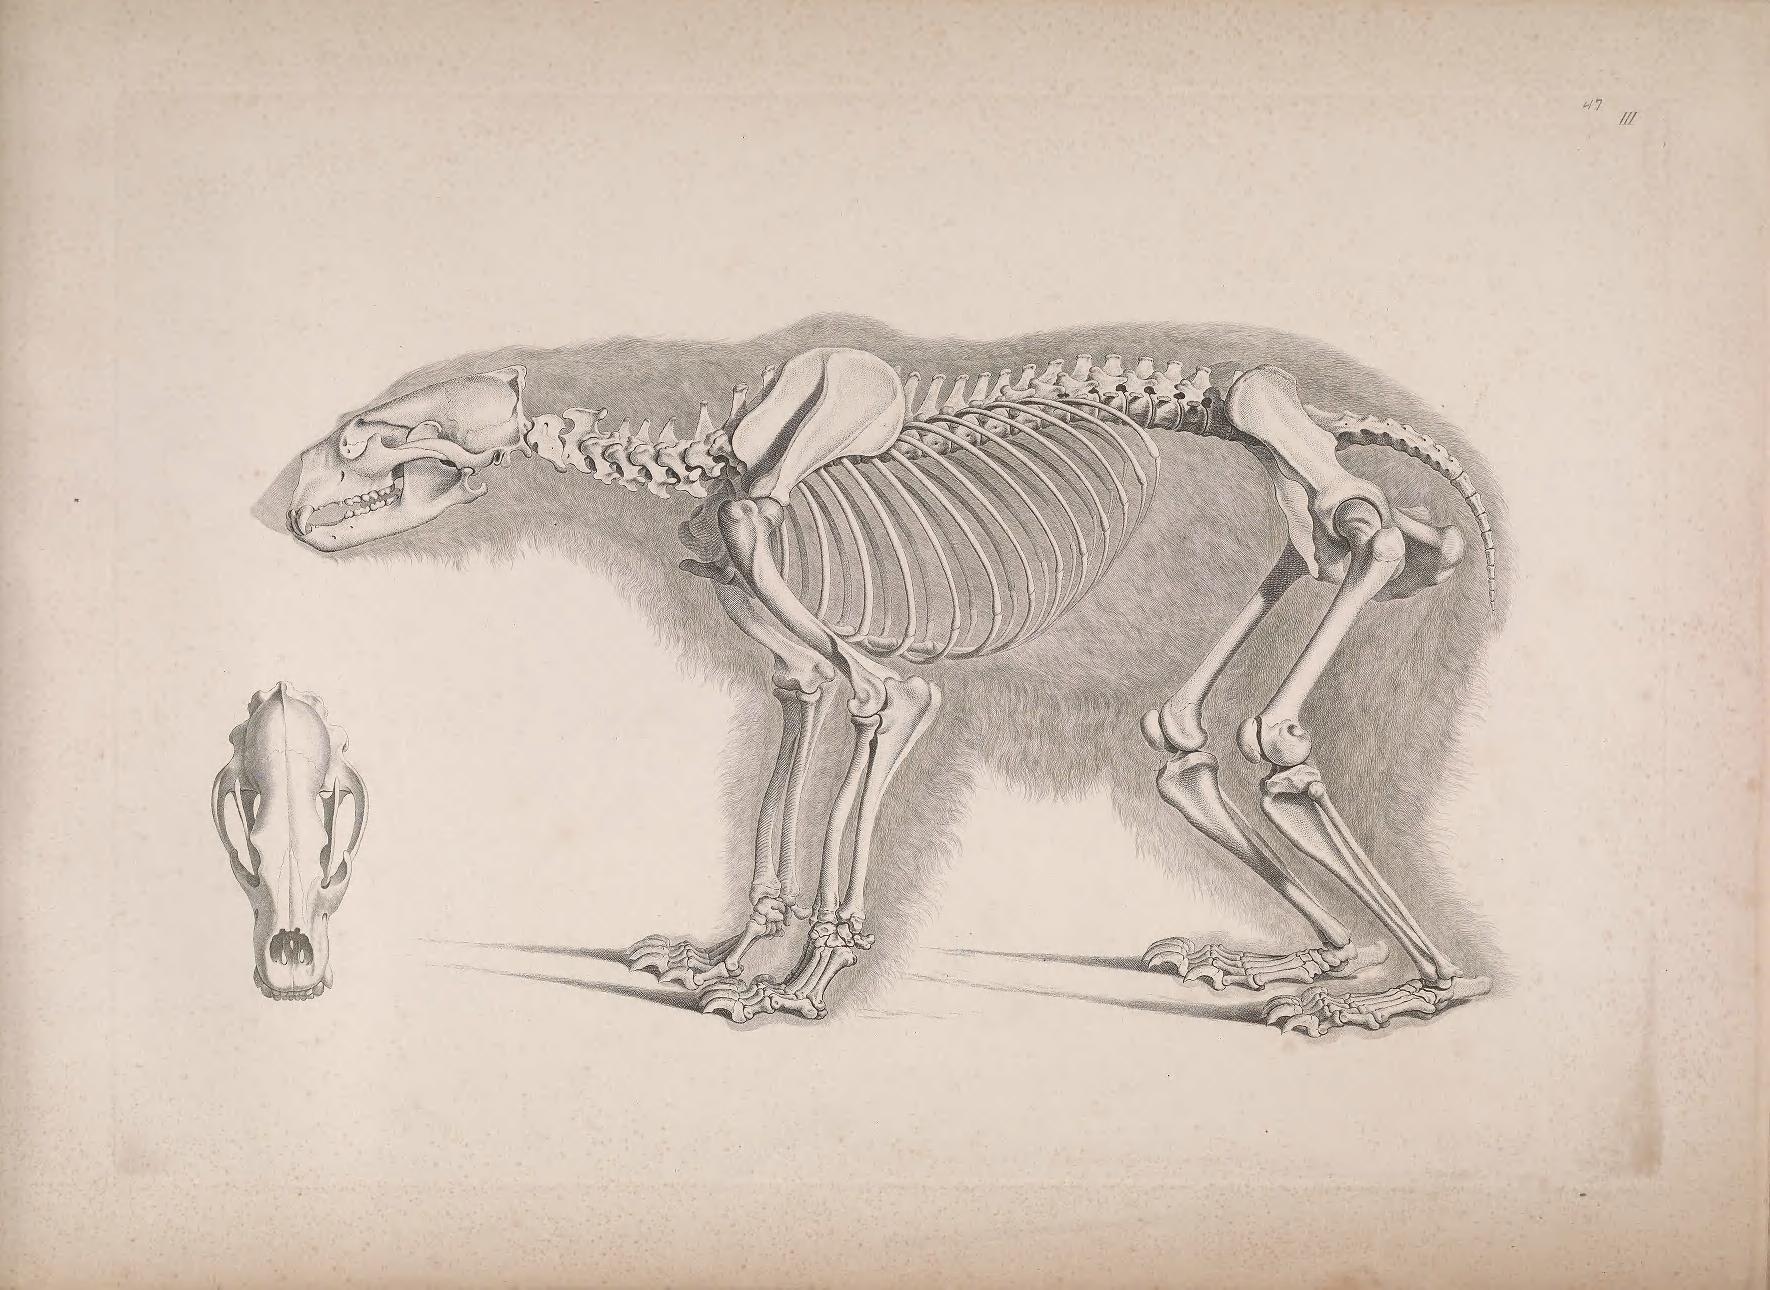 Die vergleichende Osteologie | scalaton | Pinterest | Bären ...